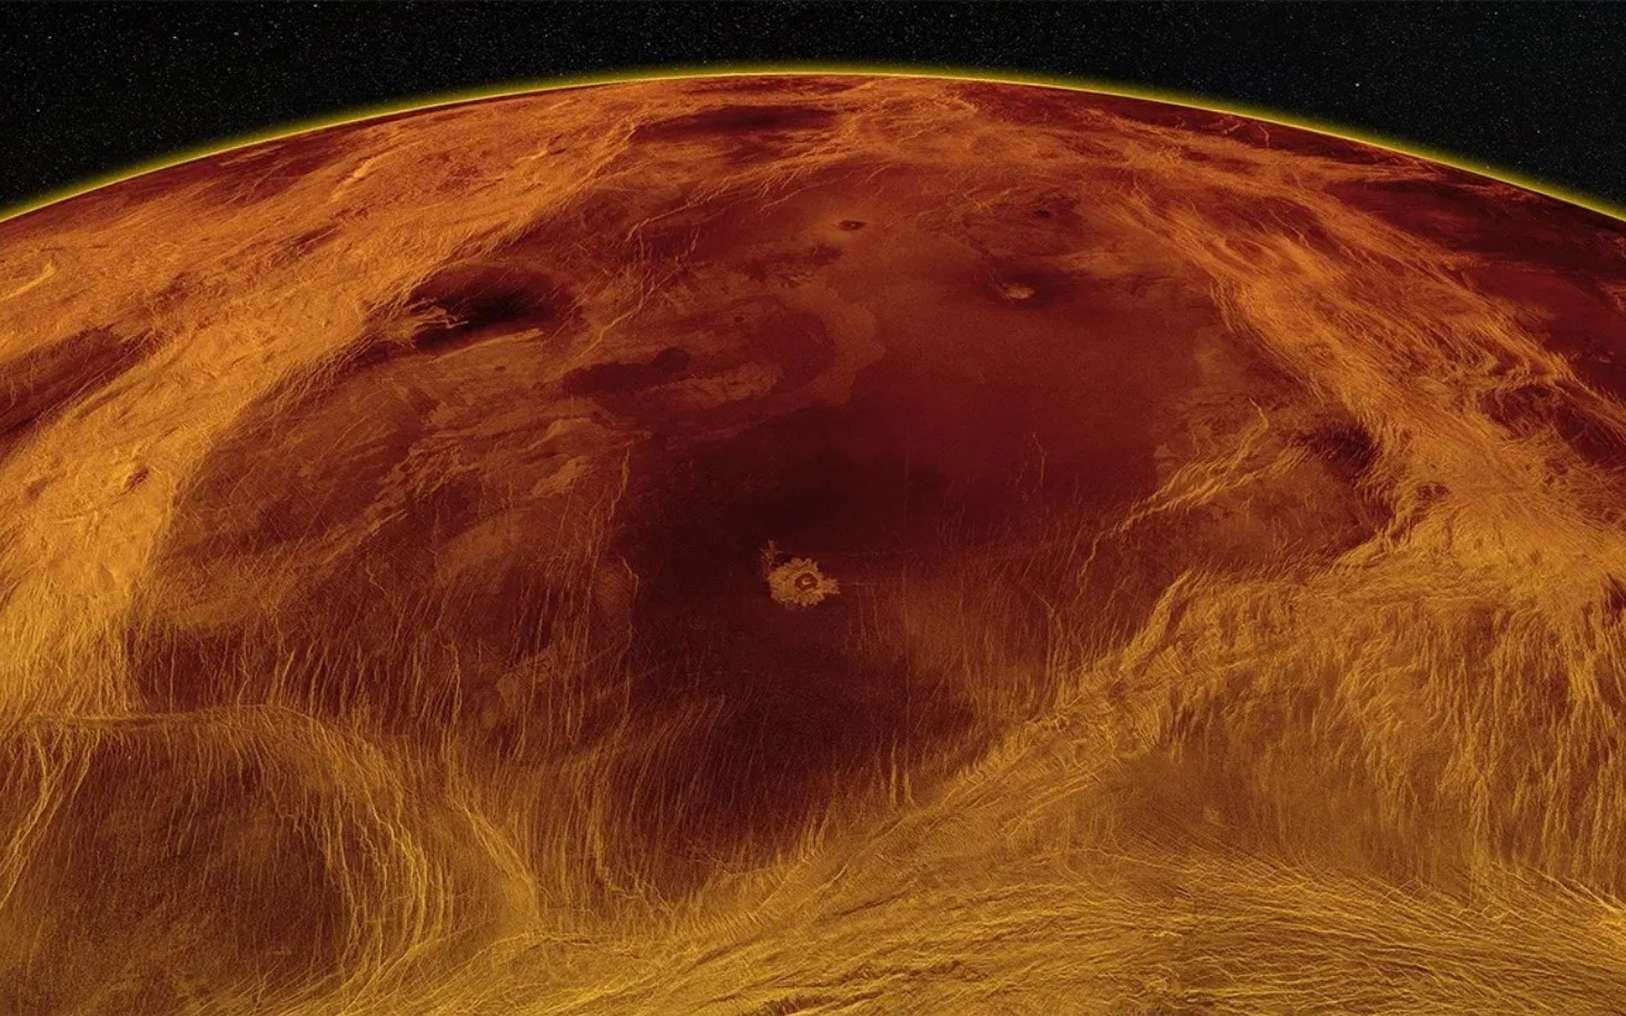 Une vue radar oblique du plus grand bloc des basses terres de Vénus identifié par Byrne et al. Des ceintures complexes de structures tectoniques délimitent le bloc, mais l'intérieur est beaucoup moins déformé, abritant des coulées de lave et une poignée de cratères d'impact. © Paul Byrne, d'après les images originales de la NASA/JPL.